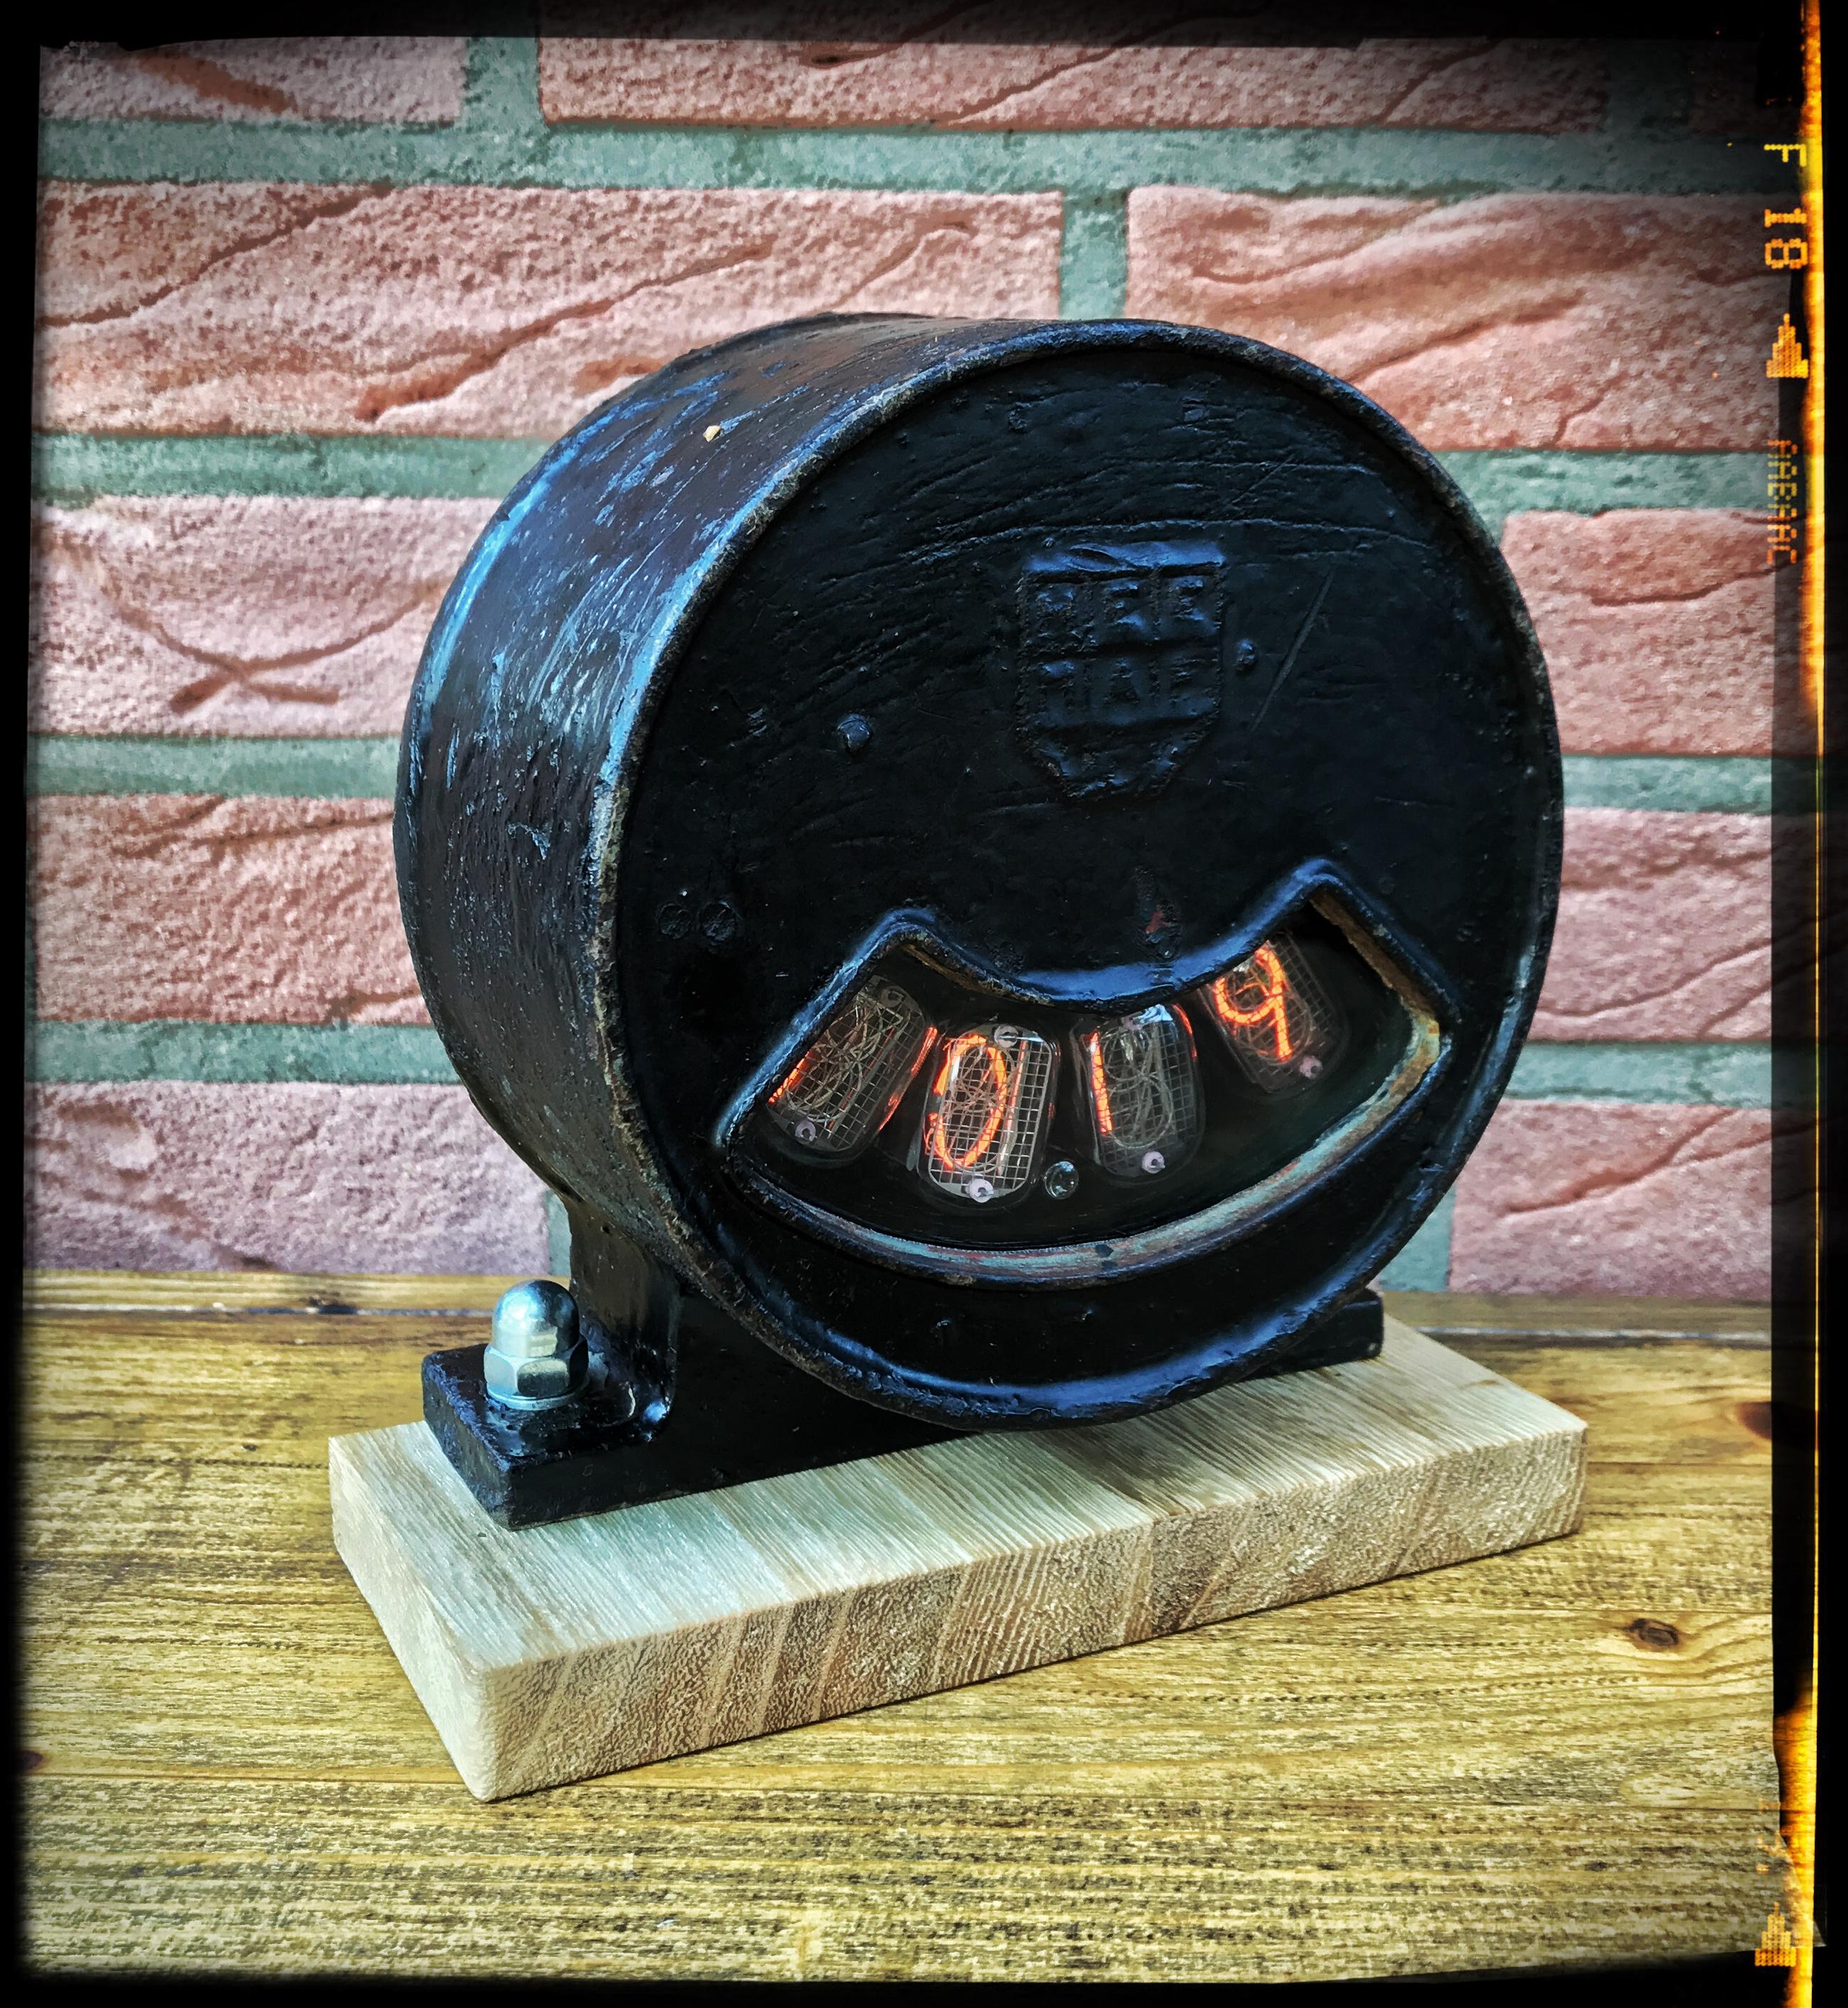 Nixie Uhr im alten Industriegehäuse aus Guss